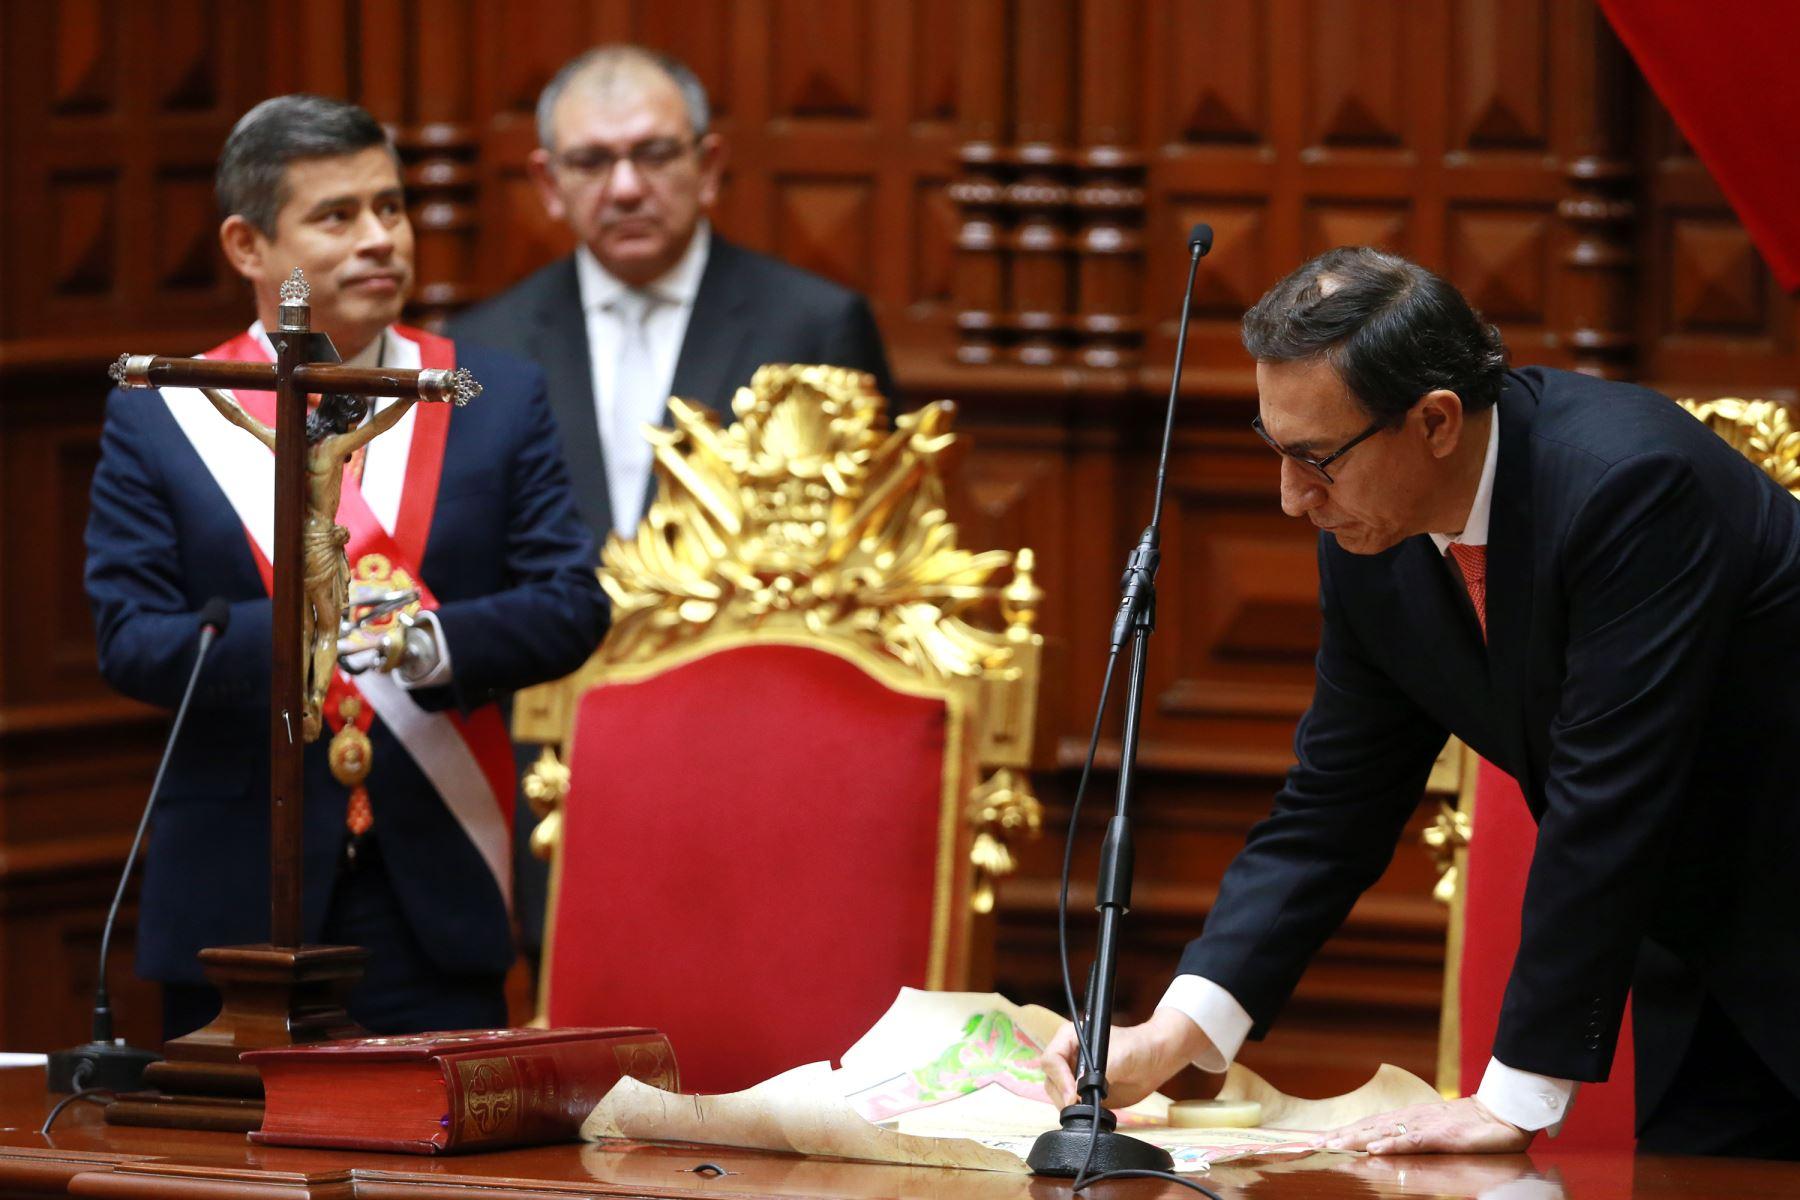 Martín Vizcarra jura como Presidente de la República.  Foto: ANDINA/Vidal Tarqui